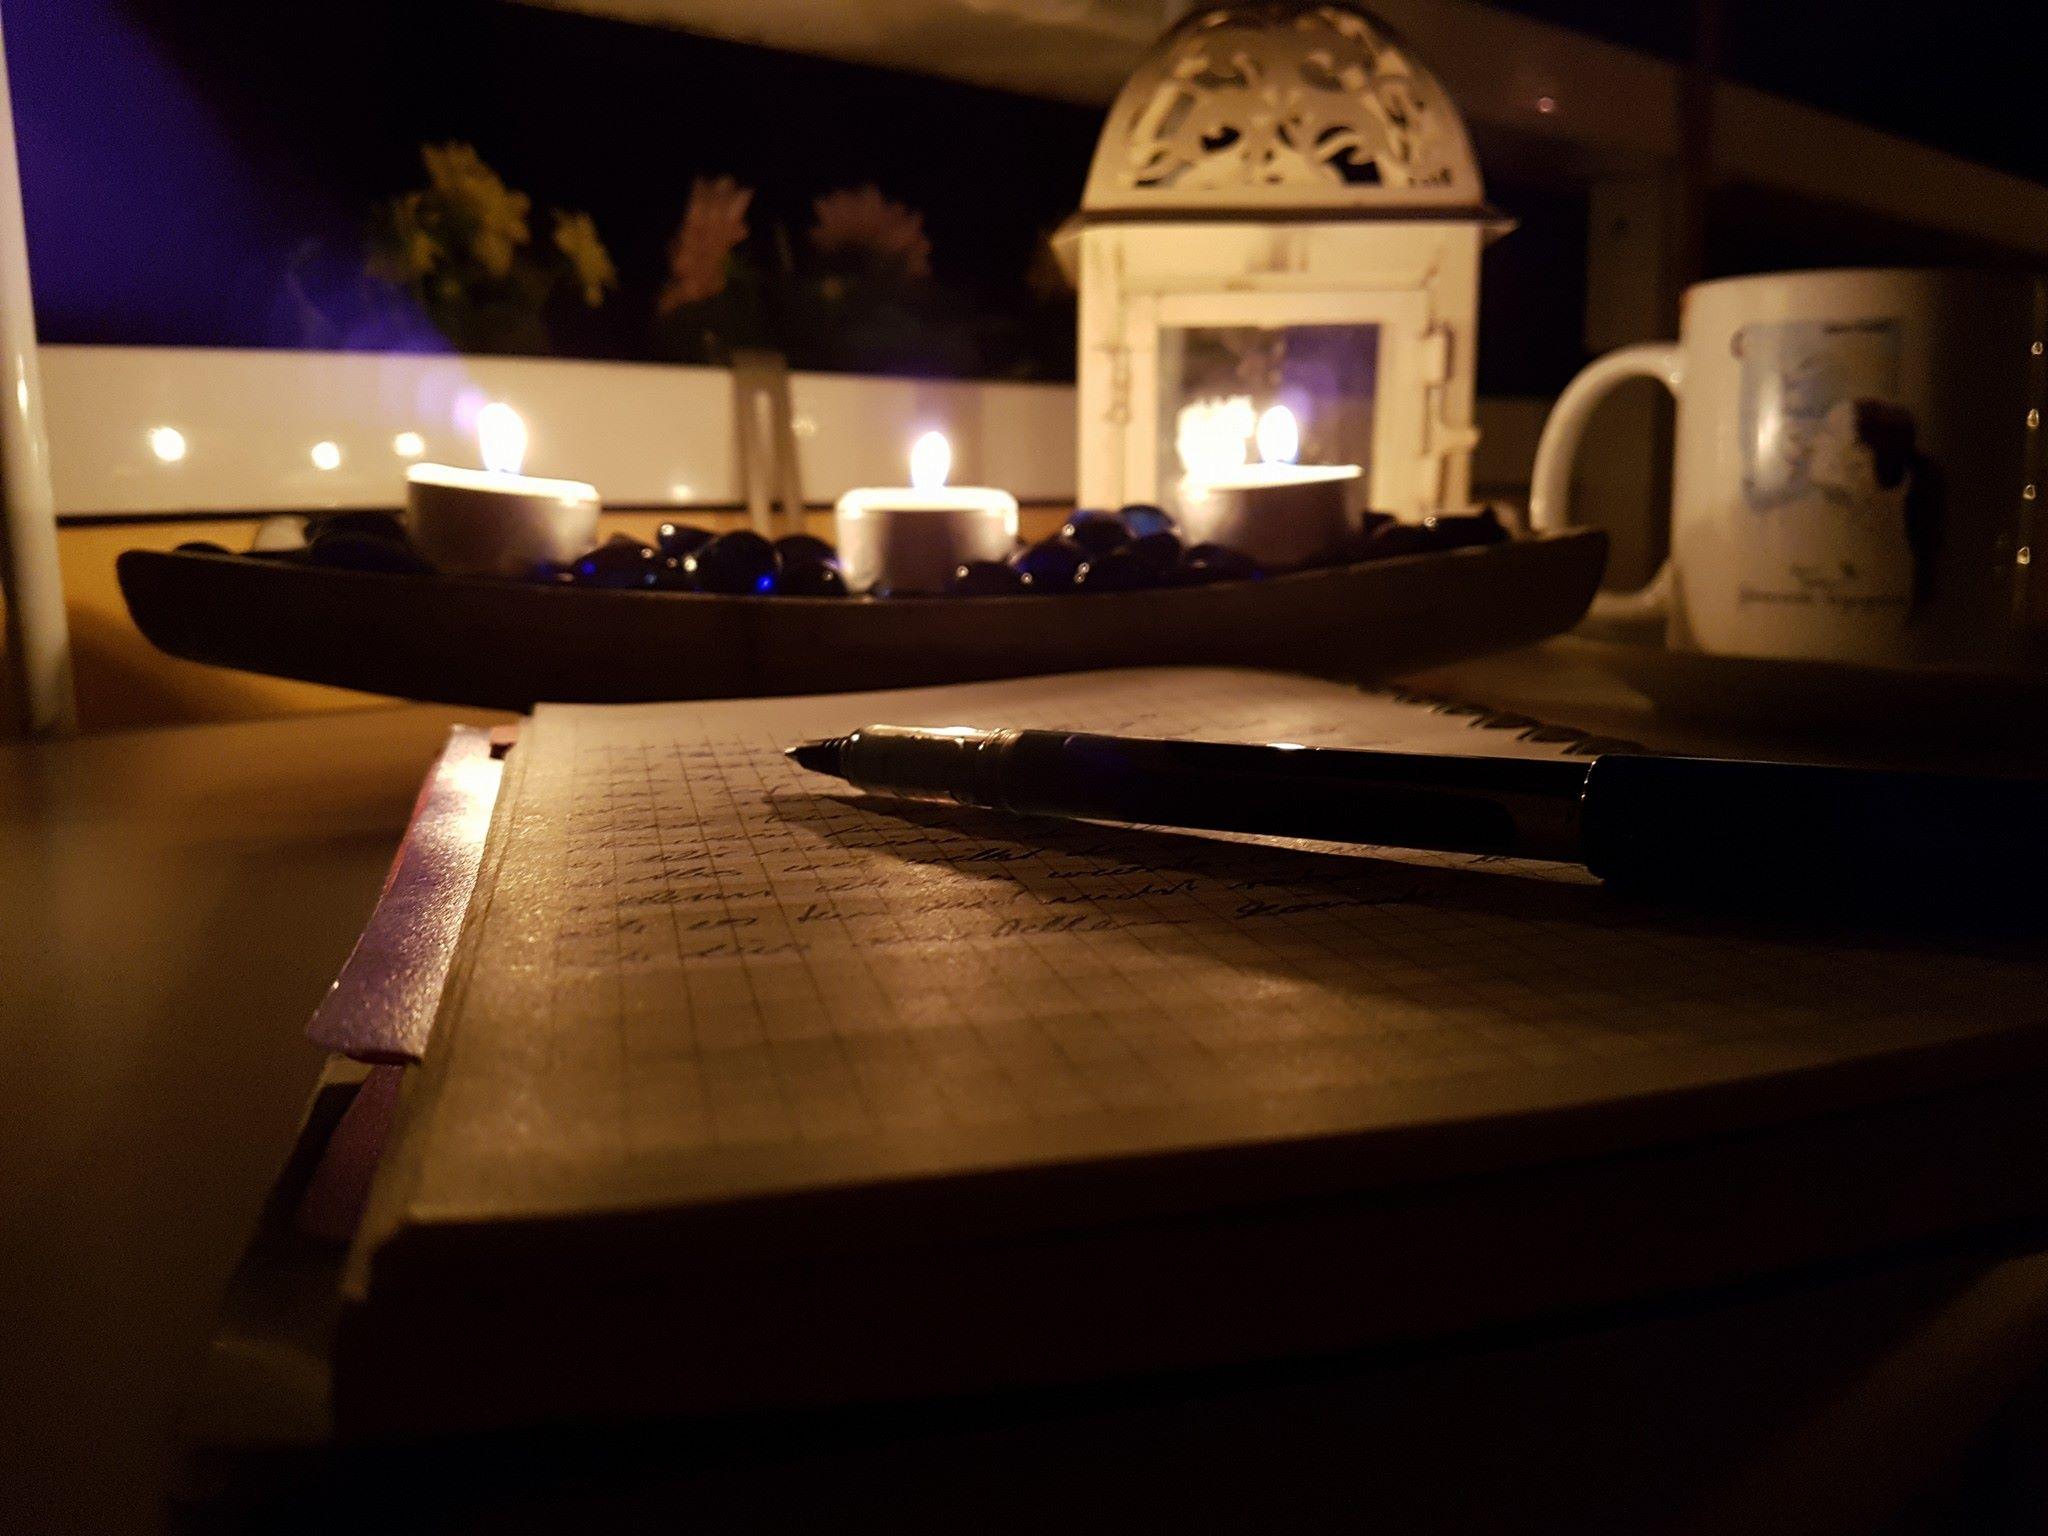 Kerzenlicht und ruhige Musik, die Gedanken fliegen fast aufs Papier